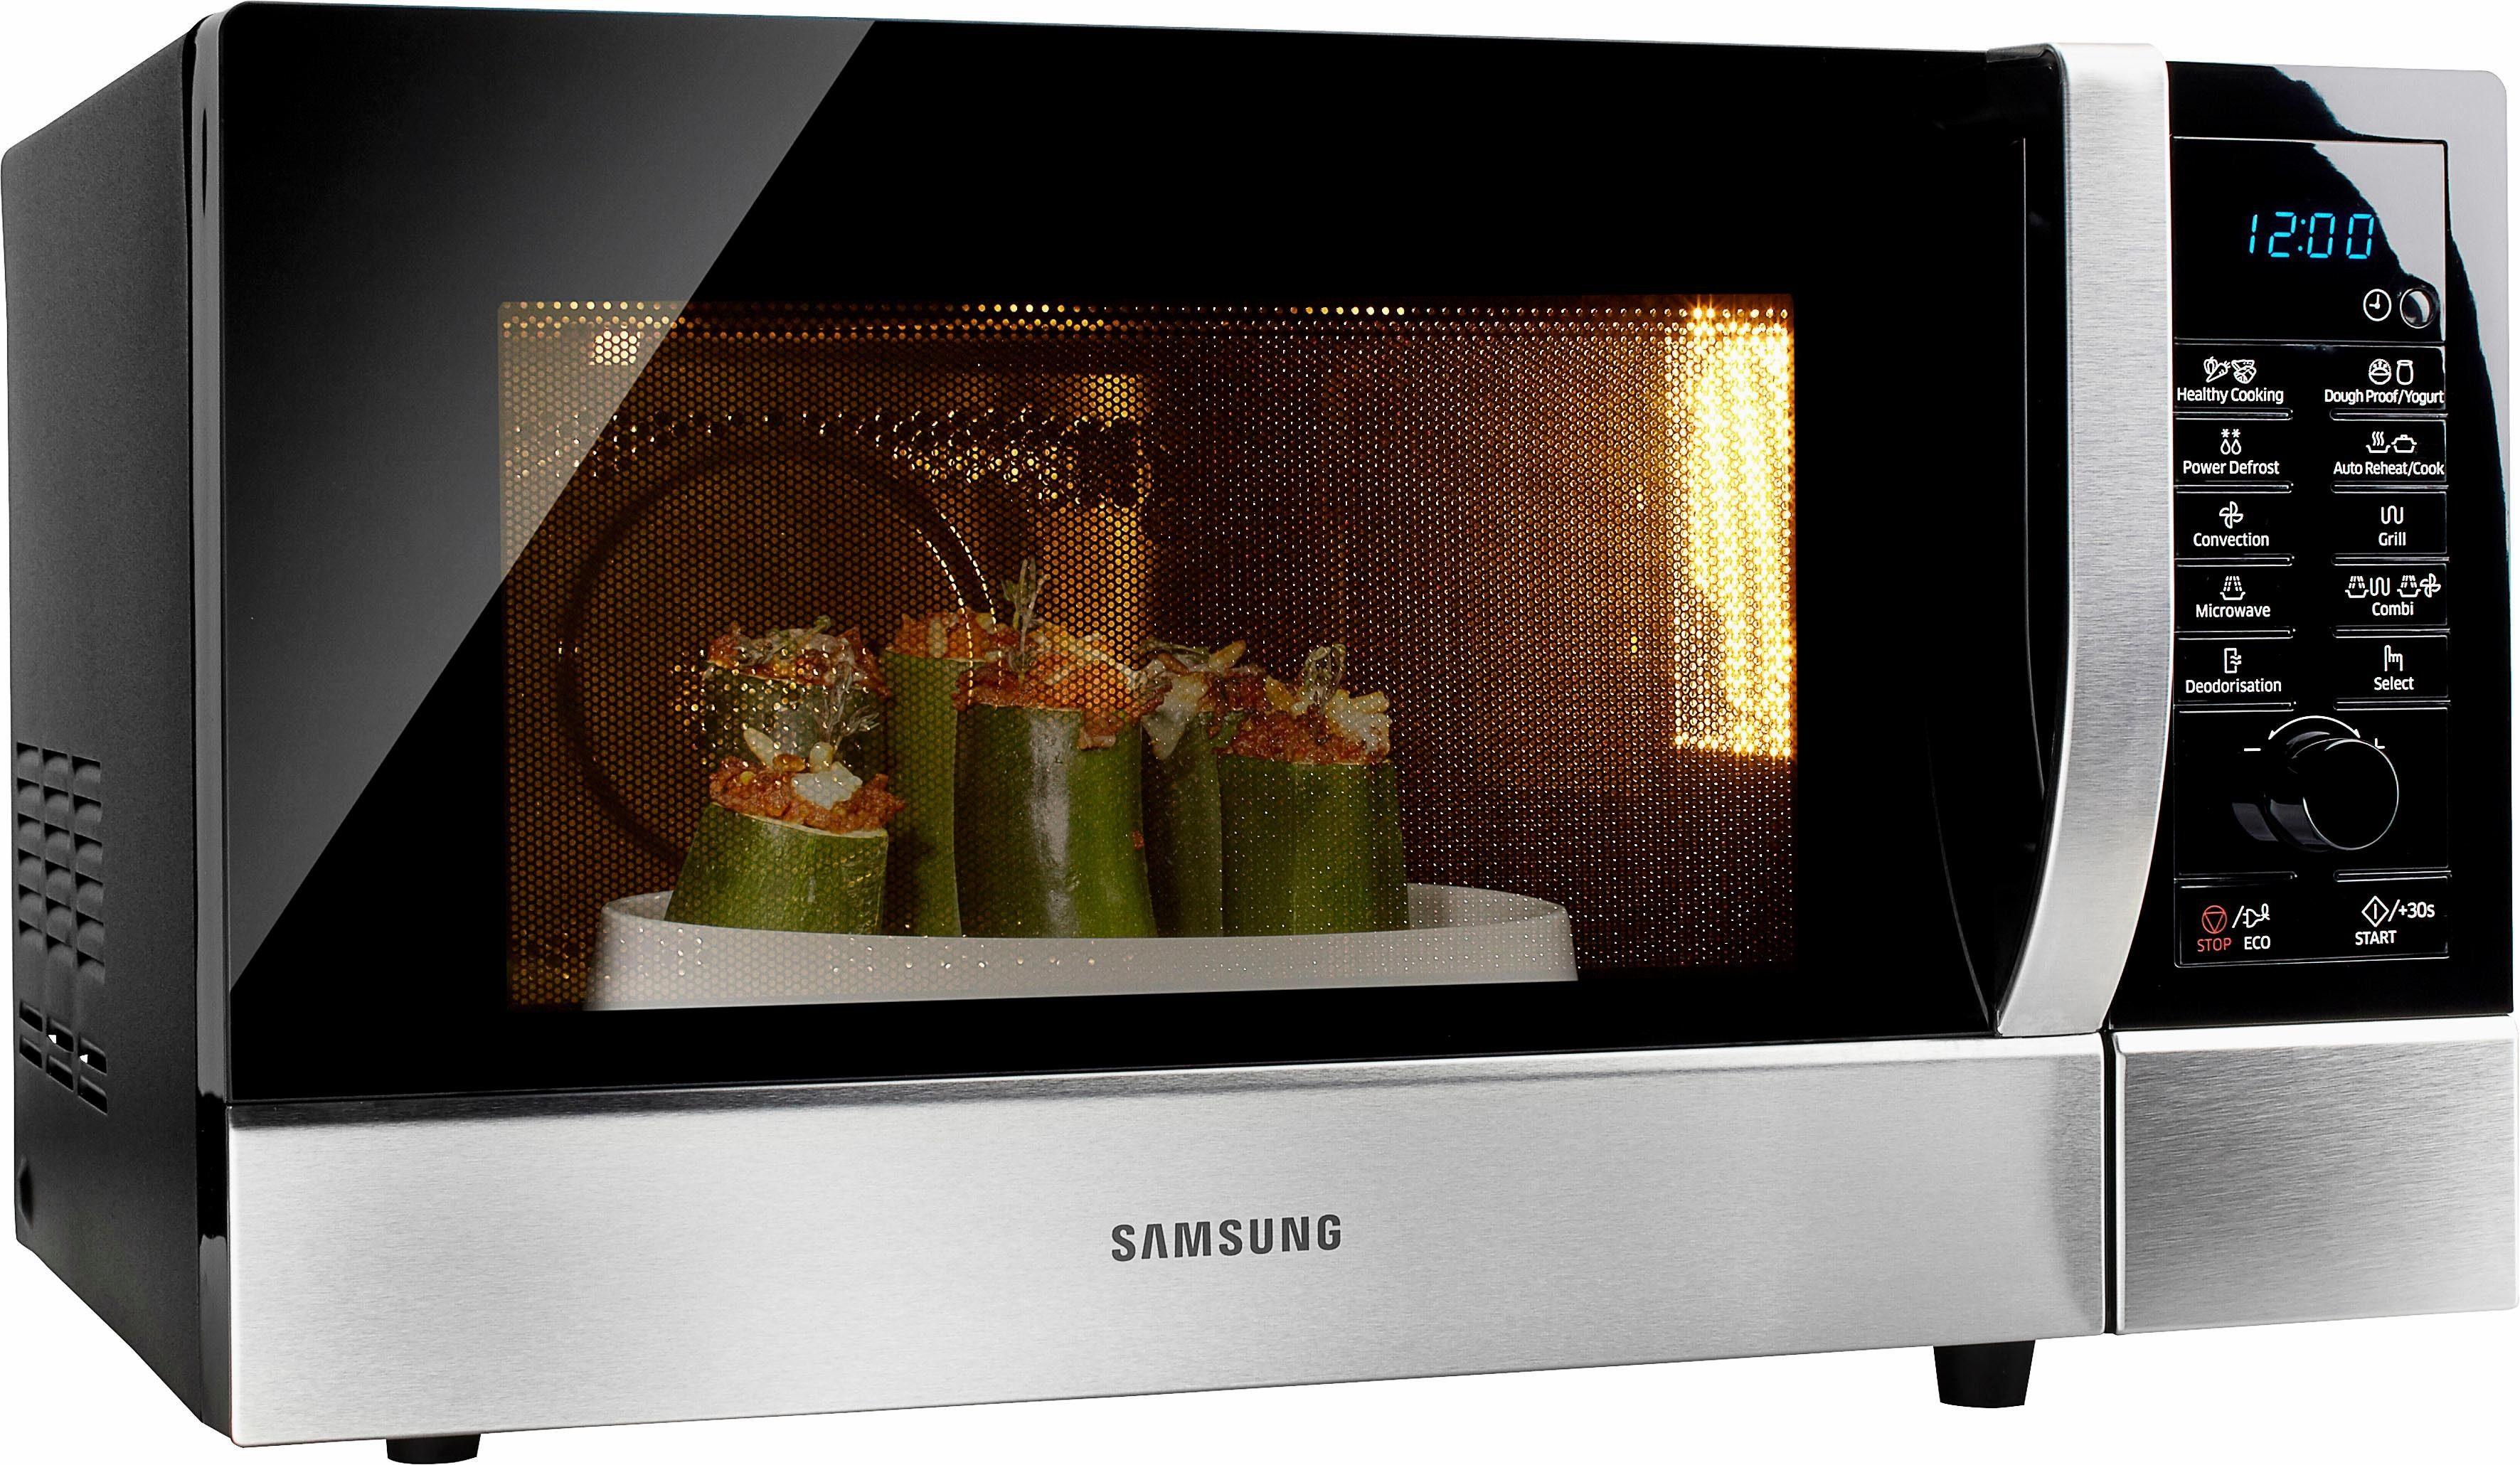 Samsung Mikrowelle CE109MTST1, mit Grill und Heißluft, 28 Liter Garraum, 900 Watt